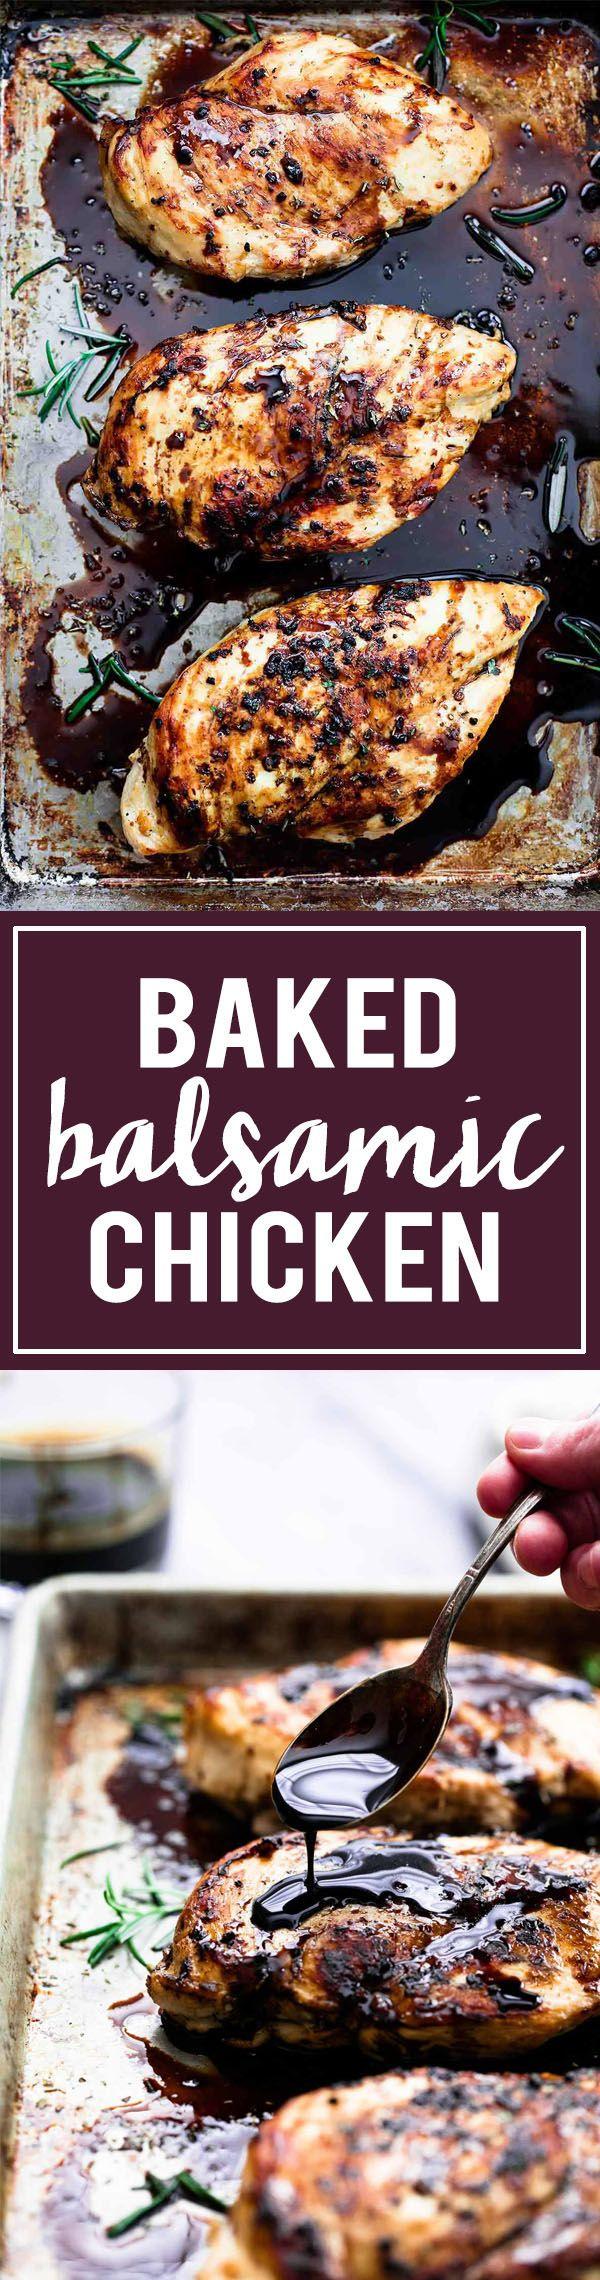 Easy Healthy 30 Minute Baked Balsamic Chicken | Creme de la Crumb Replace sugar--maybe coconut sugar?